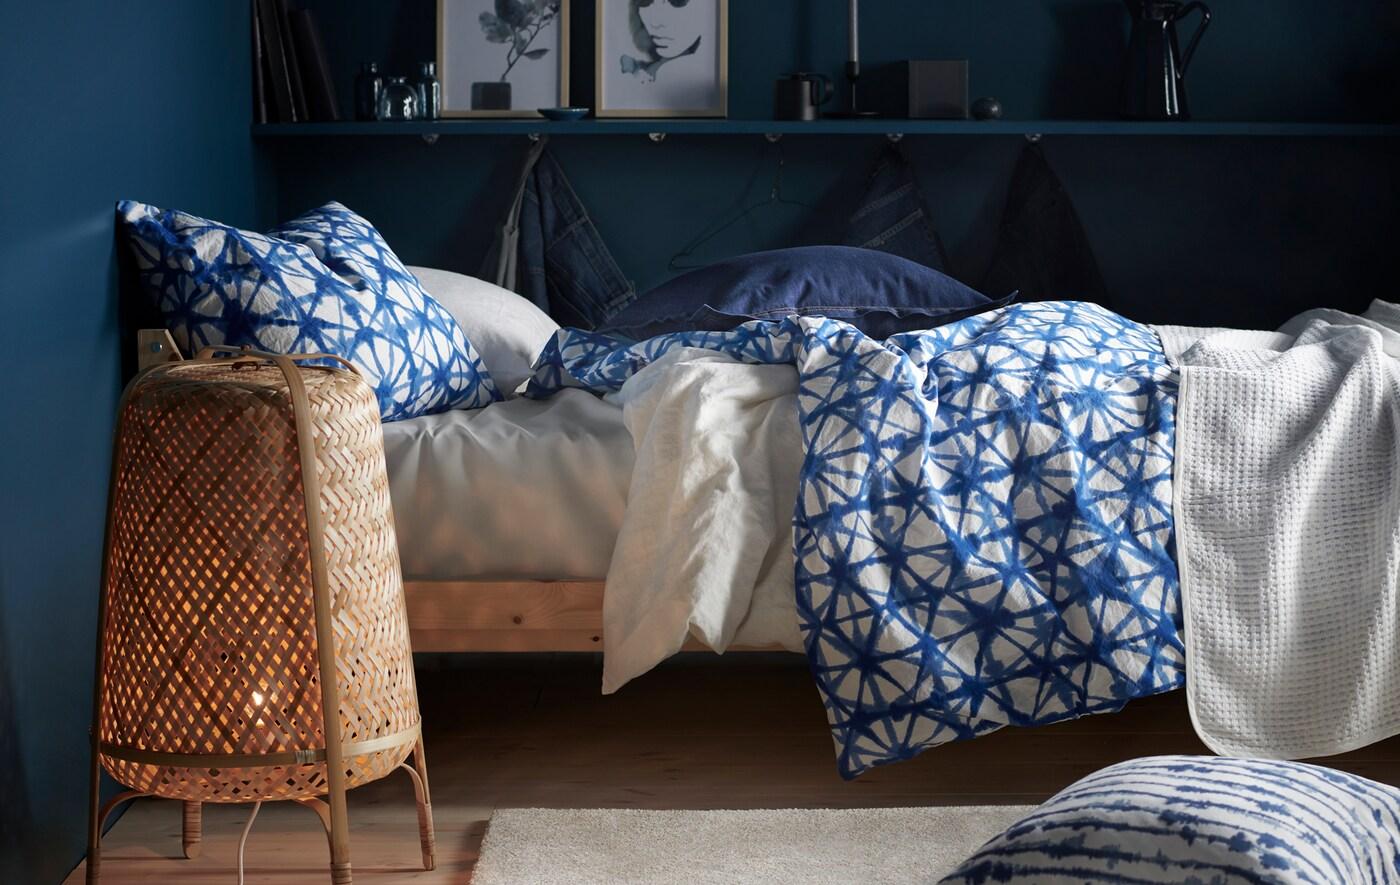 Łóżko z pościelą w niebieskie i białe wzory oraz bambusową lampą podłogową w pokoju z granatowymi ścianami.